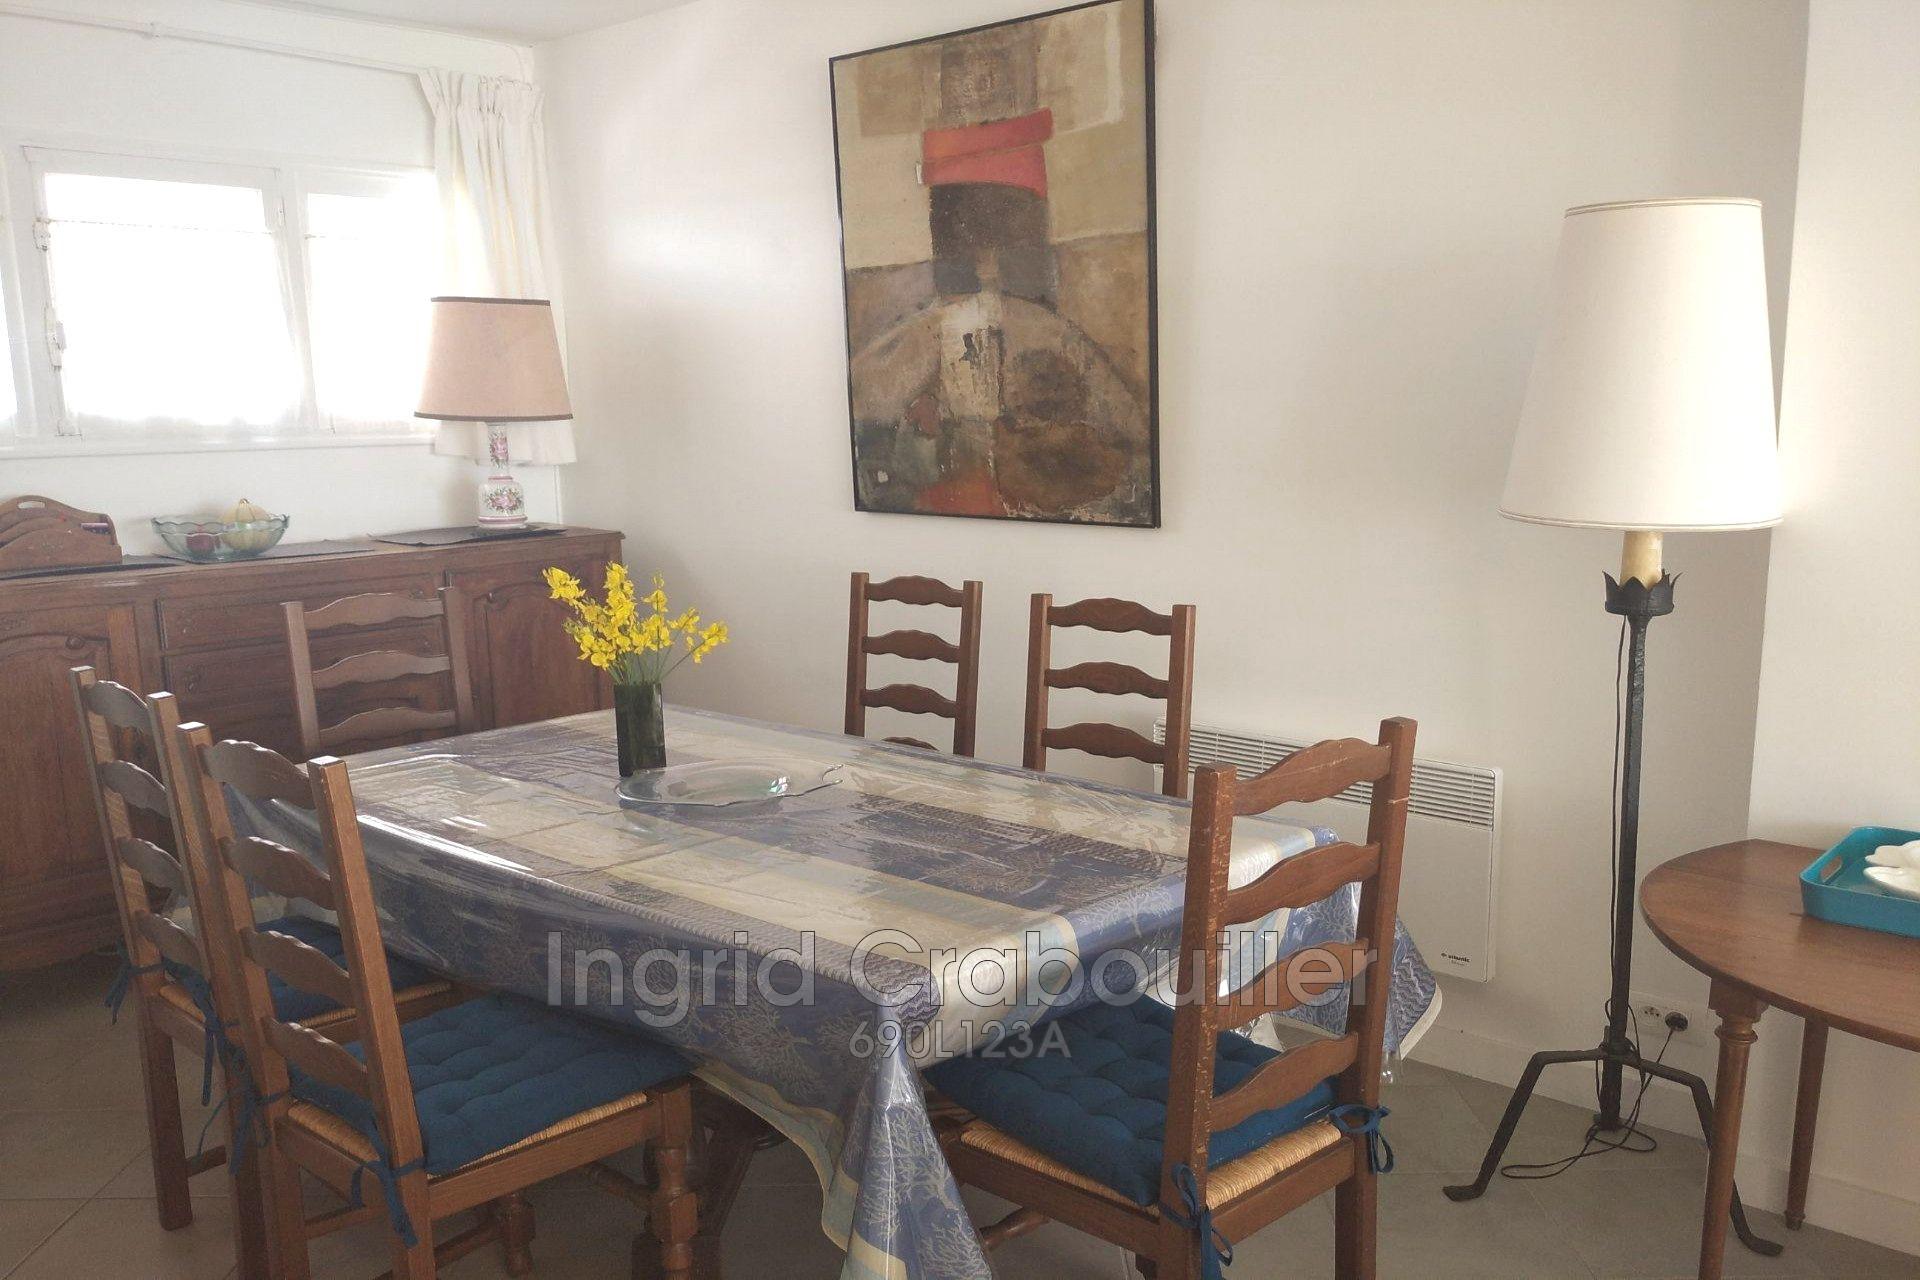 Location saisonnière appartement Royan - réf. 690L123A